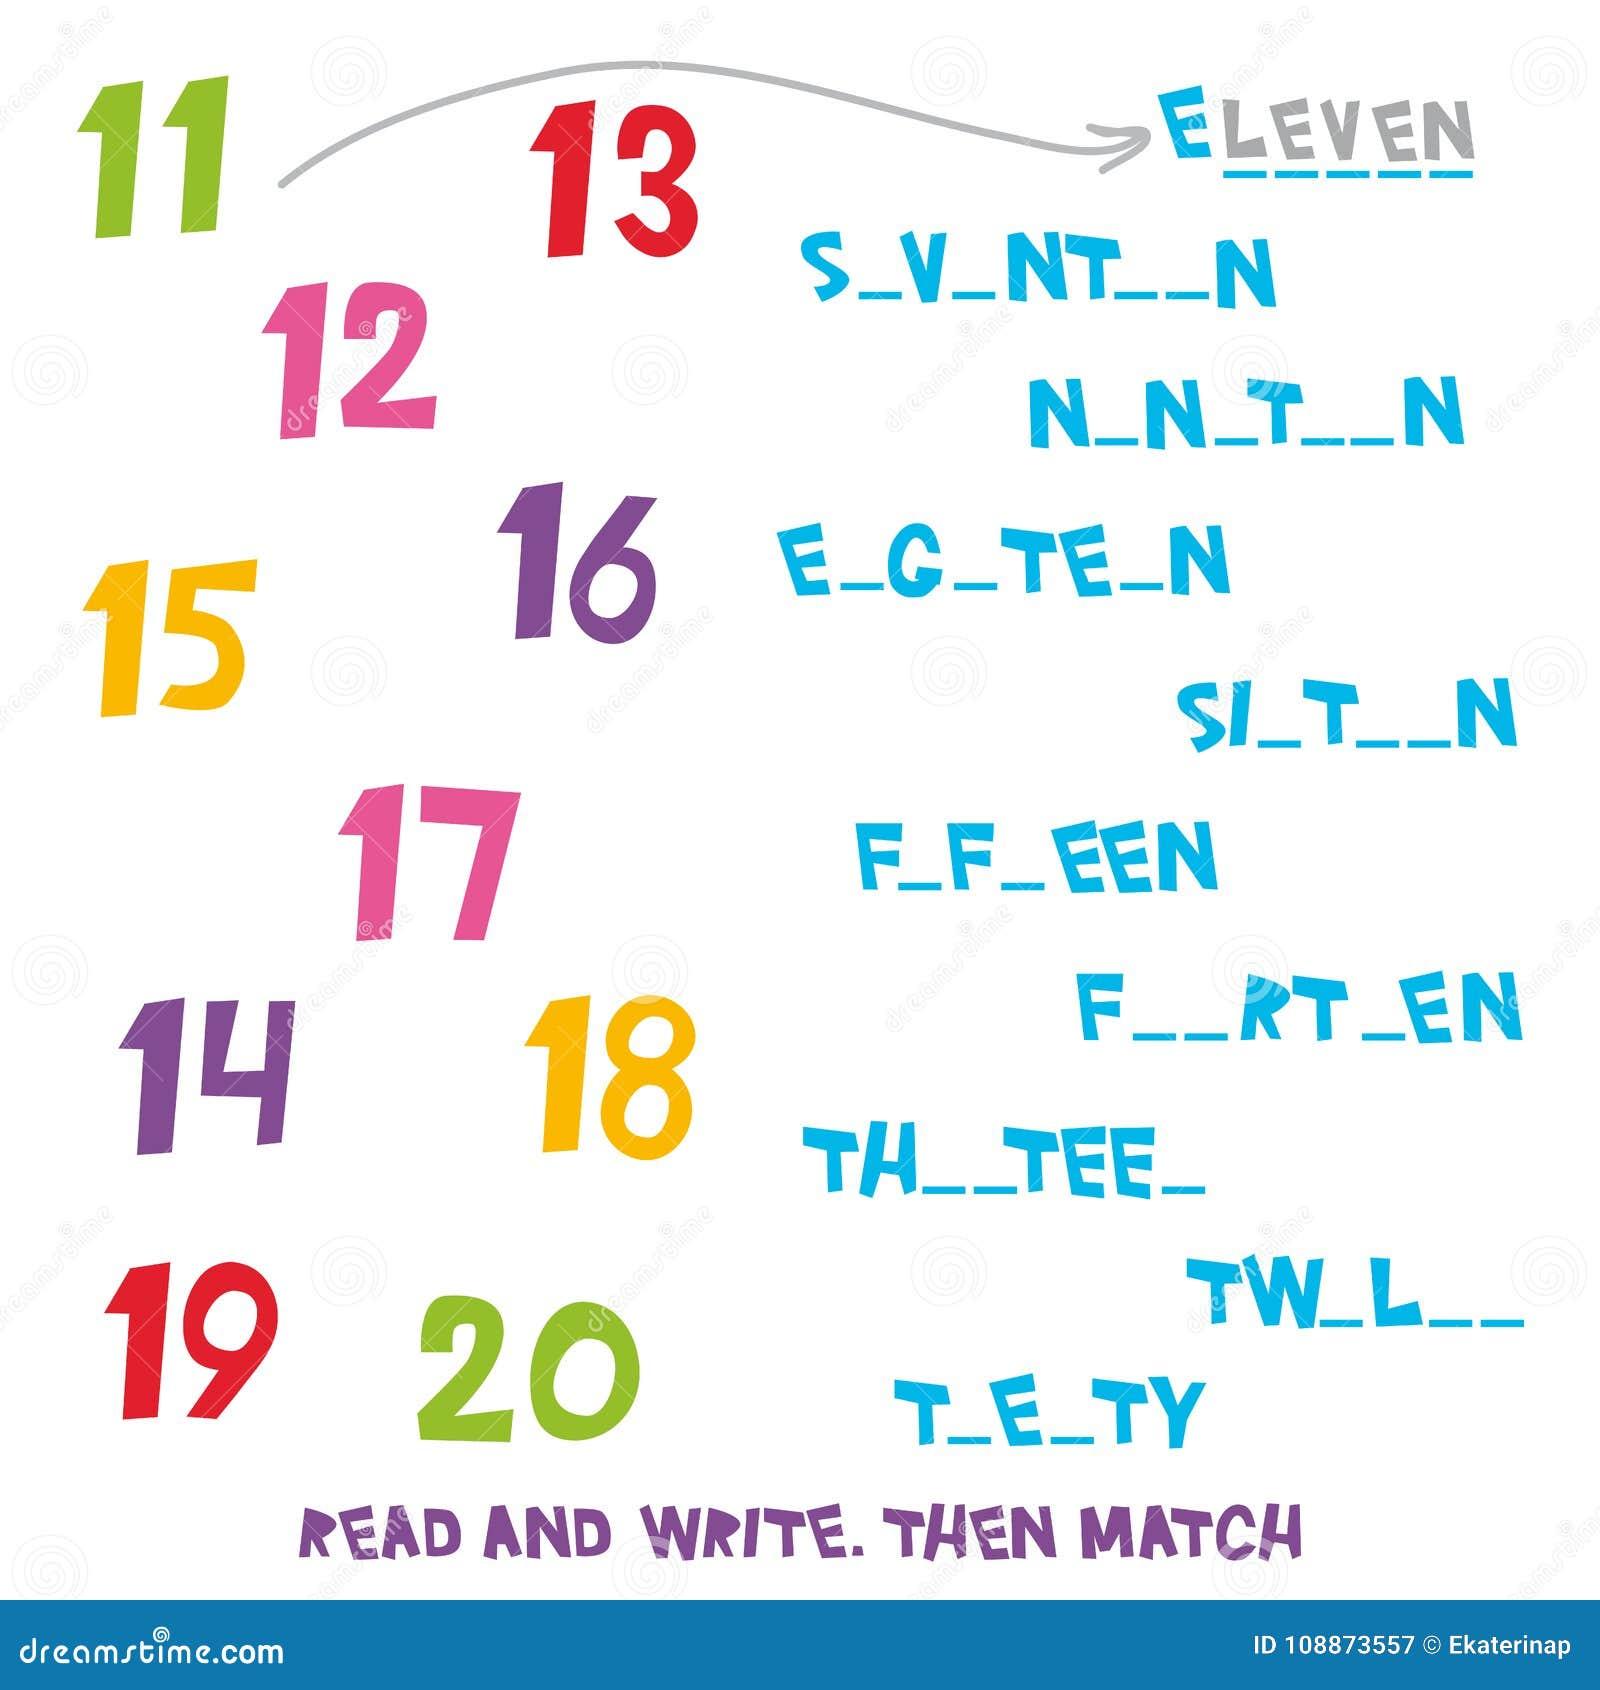 Lesen Sie Und Schreiben Sie Bringen Sie Dann Die Nr. 11 Bis 20 ...